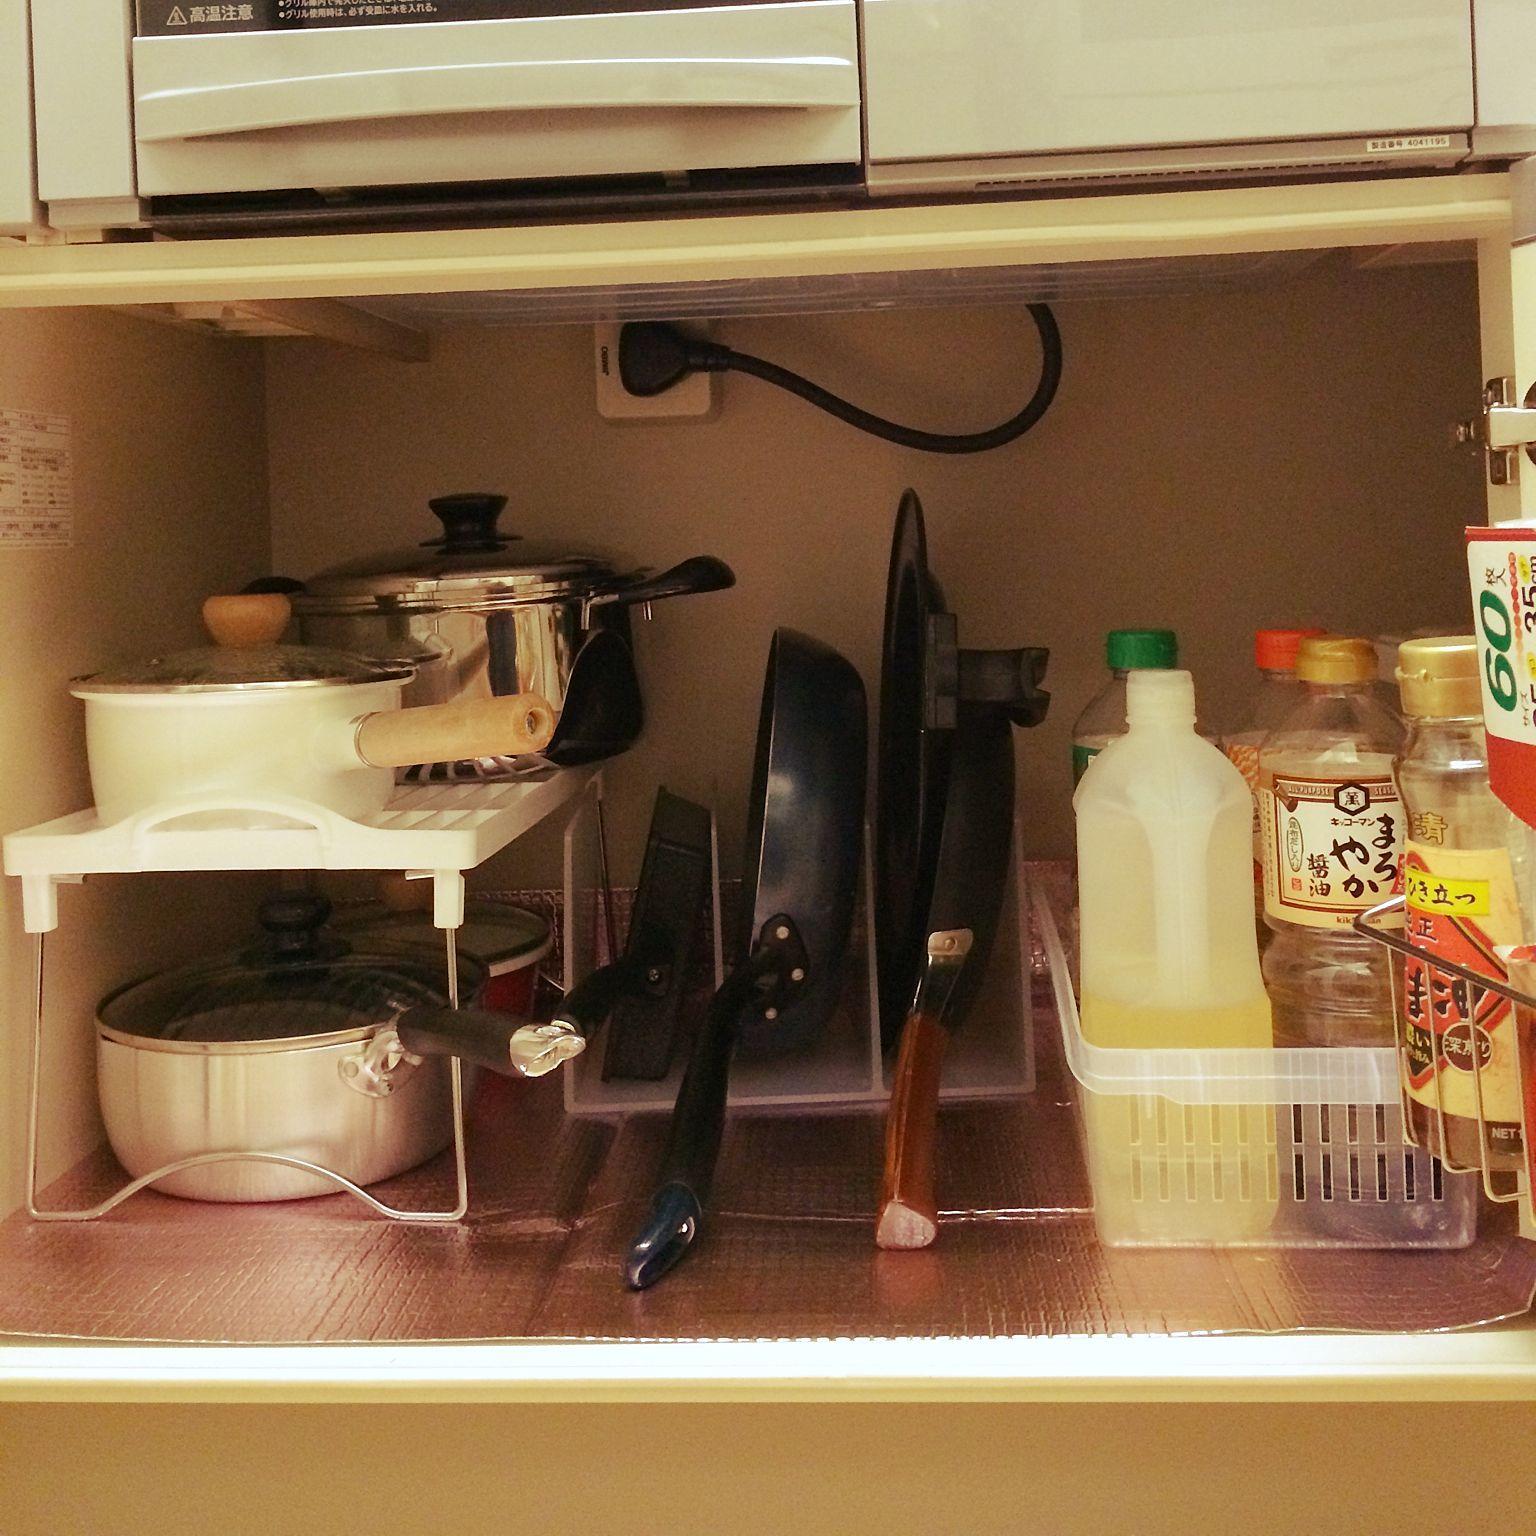 キッチン ニトリ 無印良品 100均 フライパン収納 などのインテリア